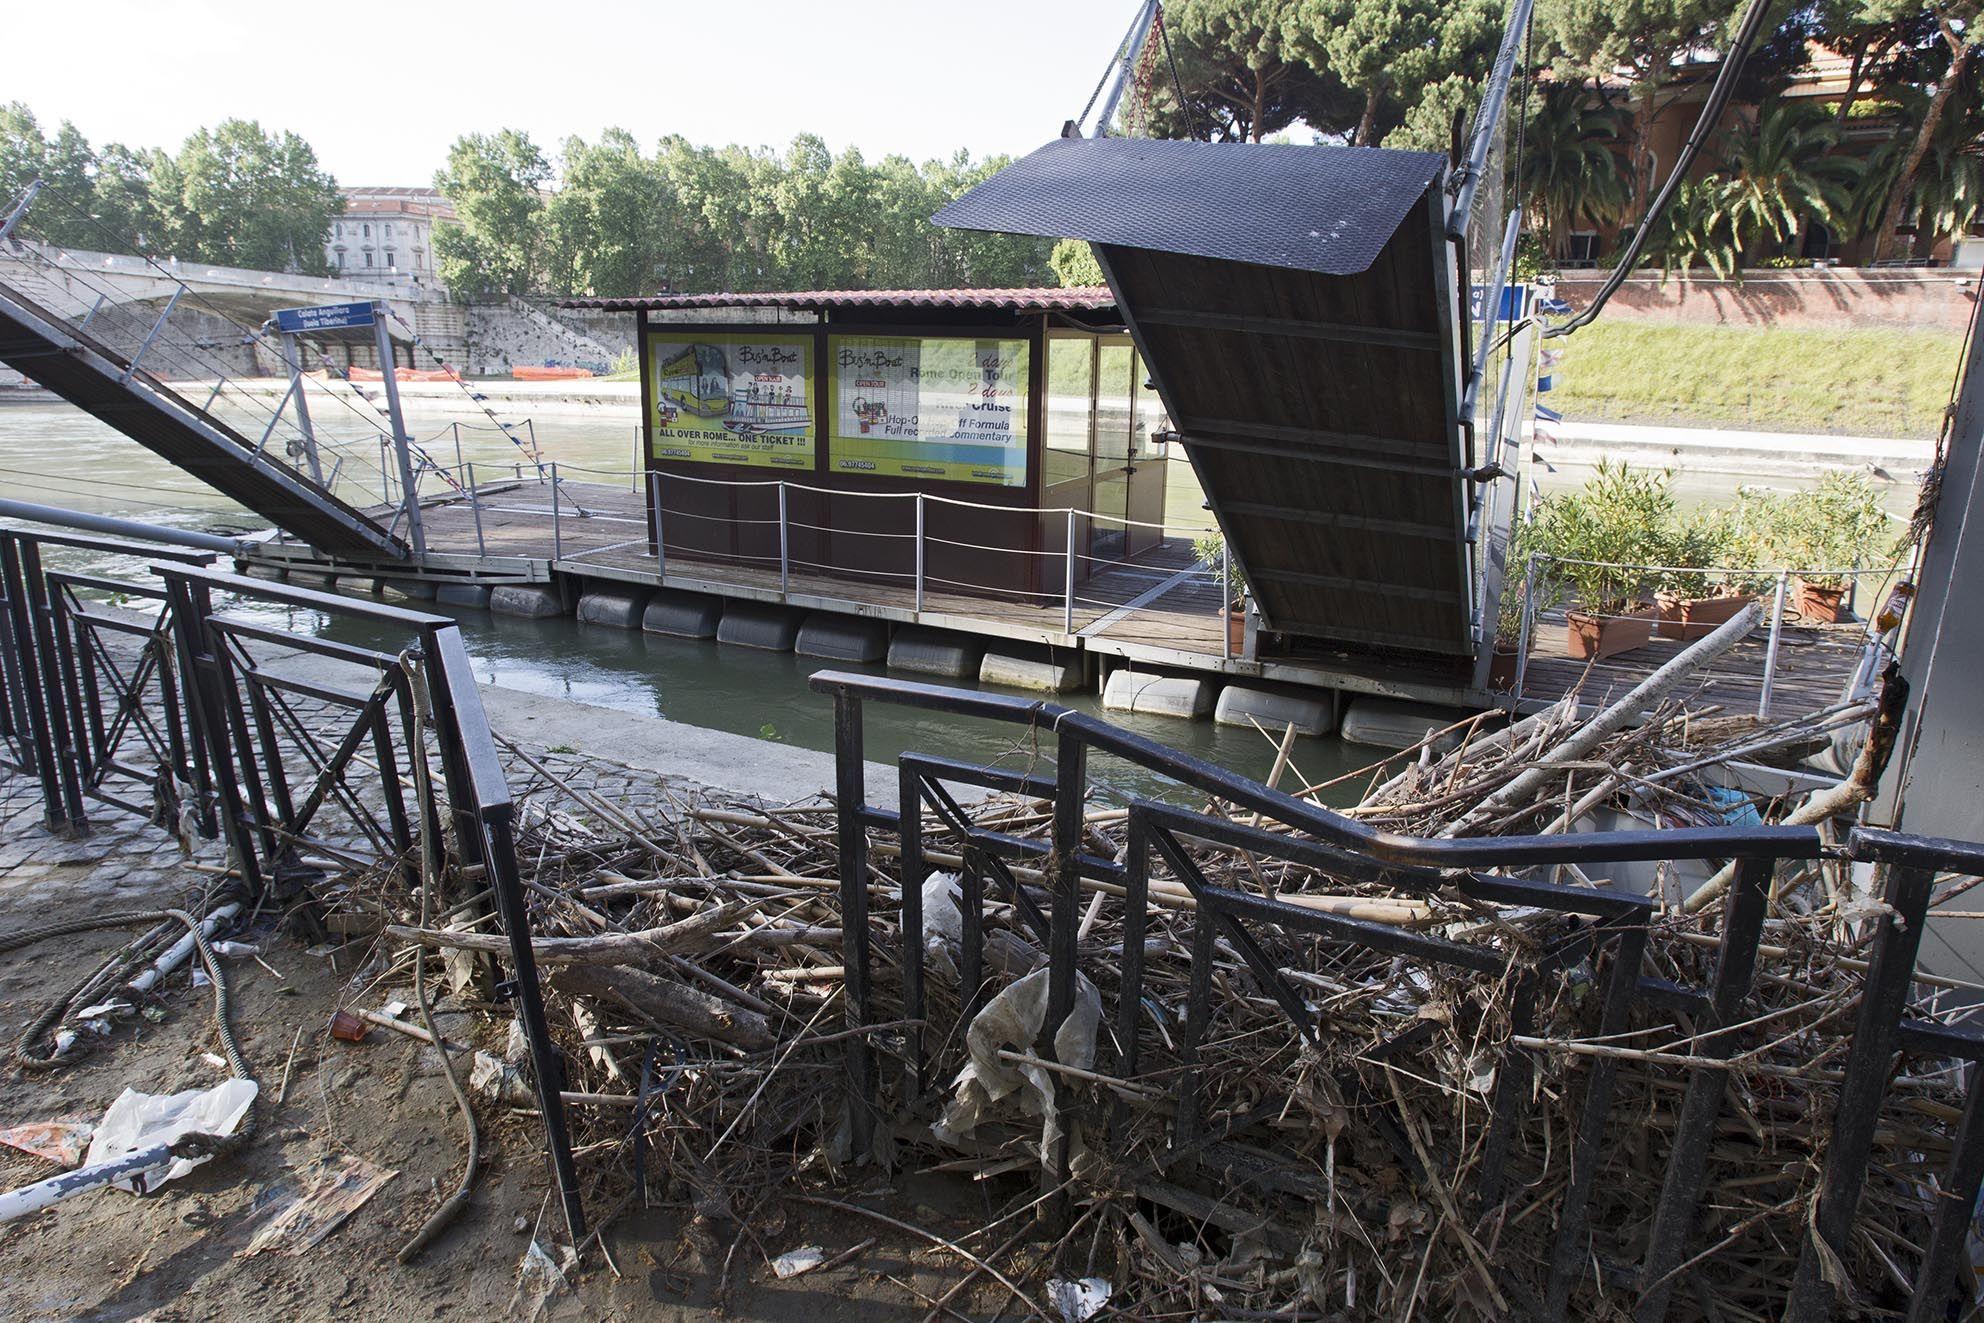 Rami, tronchi, plastica: un imbarco inaccessibile